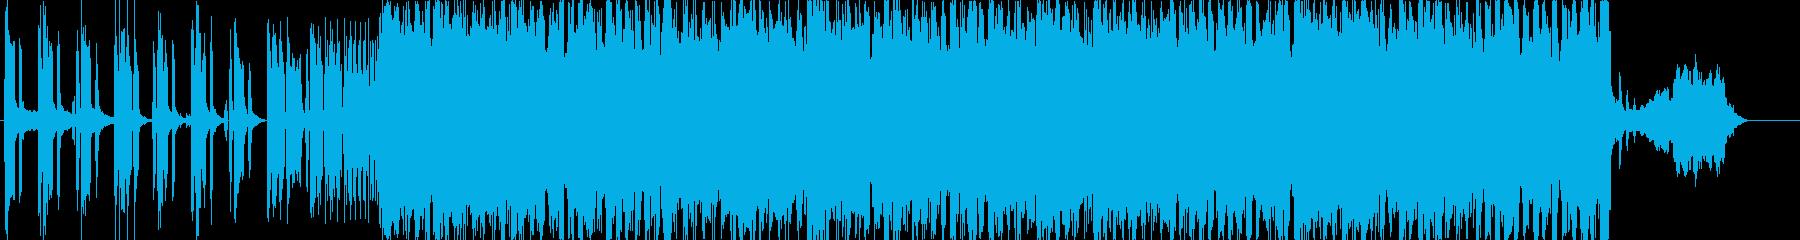 爽やかエレクトロ_aの再生済みの波形